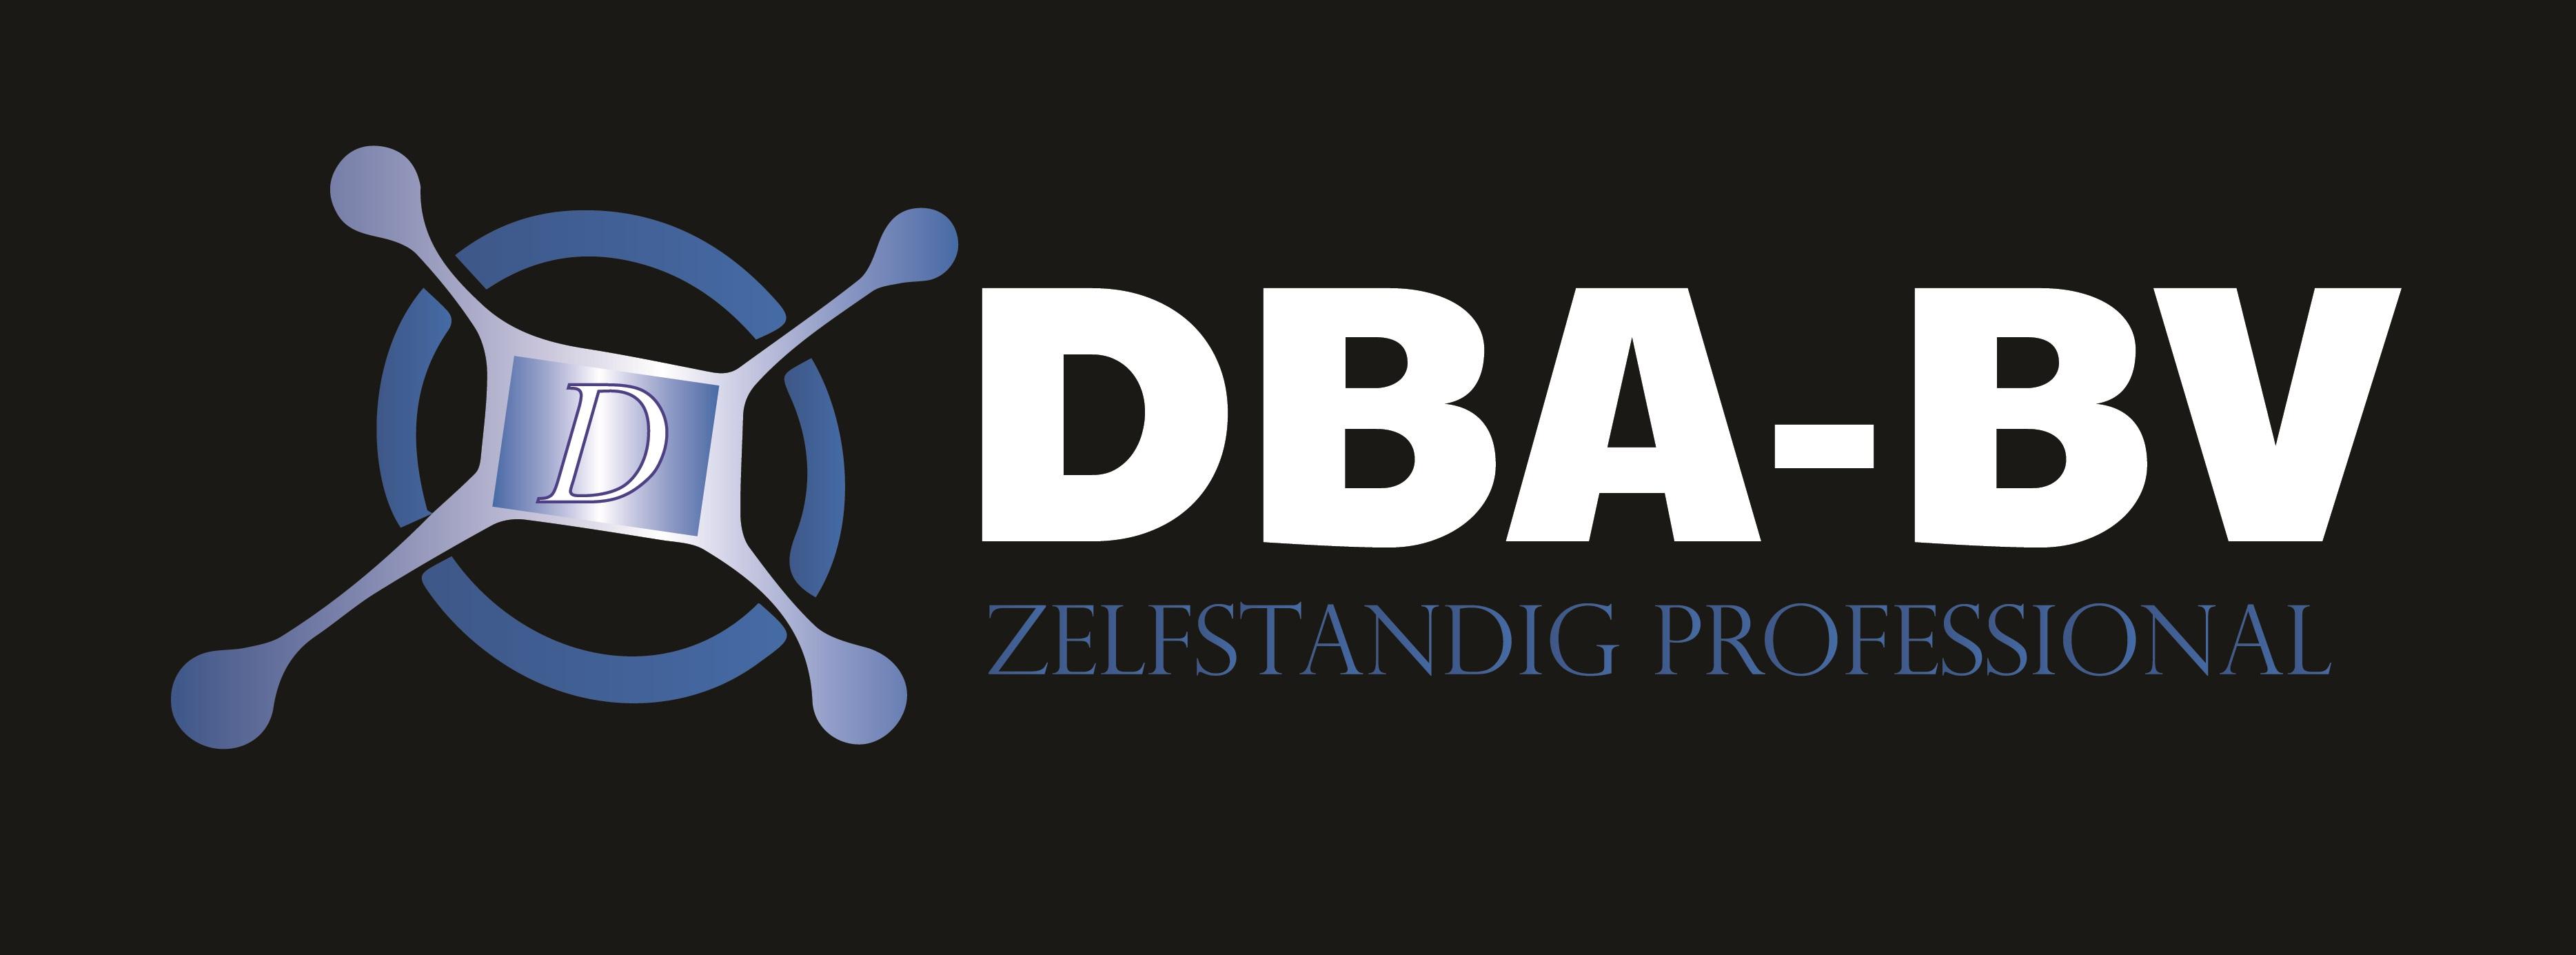 DBA-BV  Oplossingen voor zelfstandigen